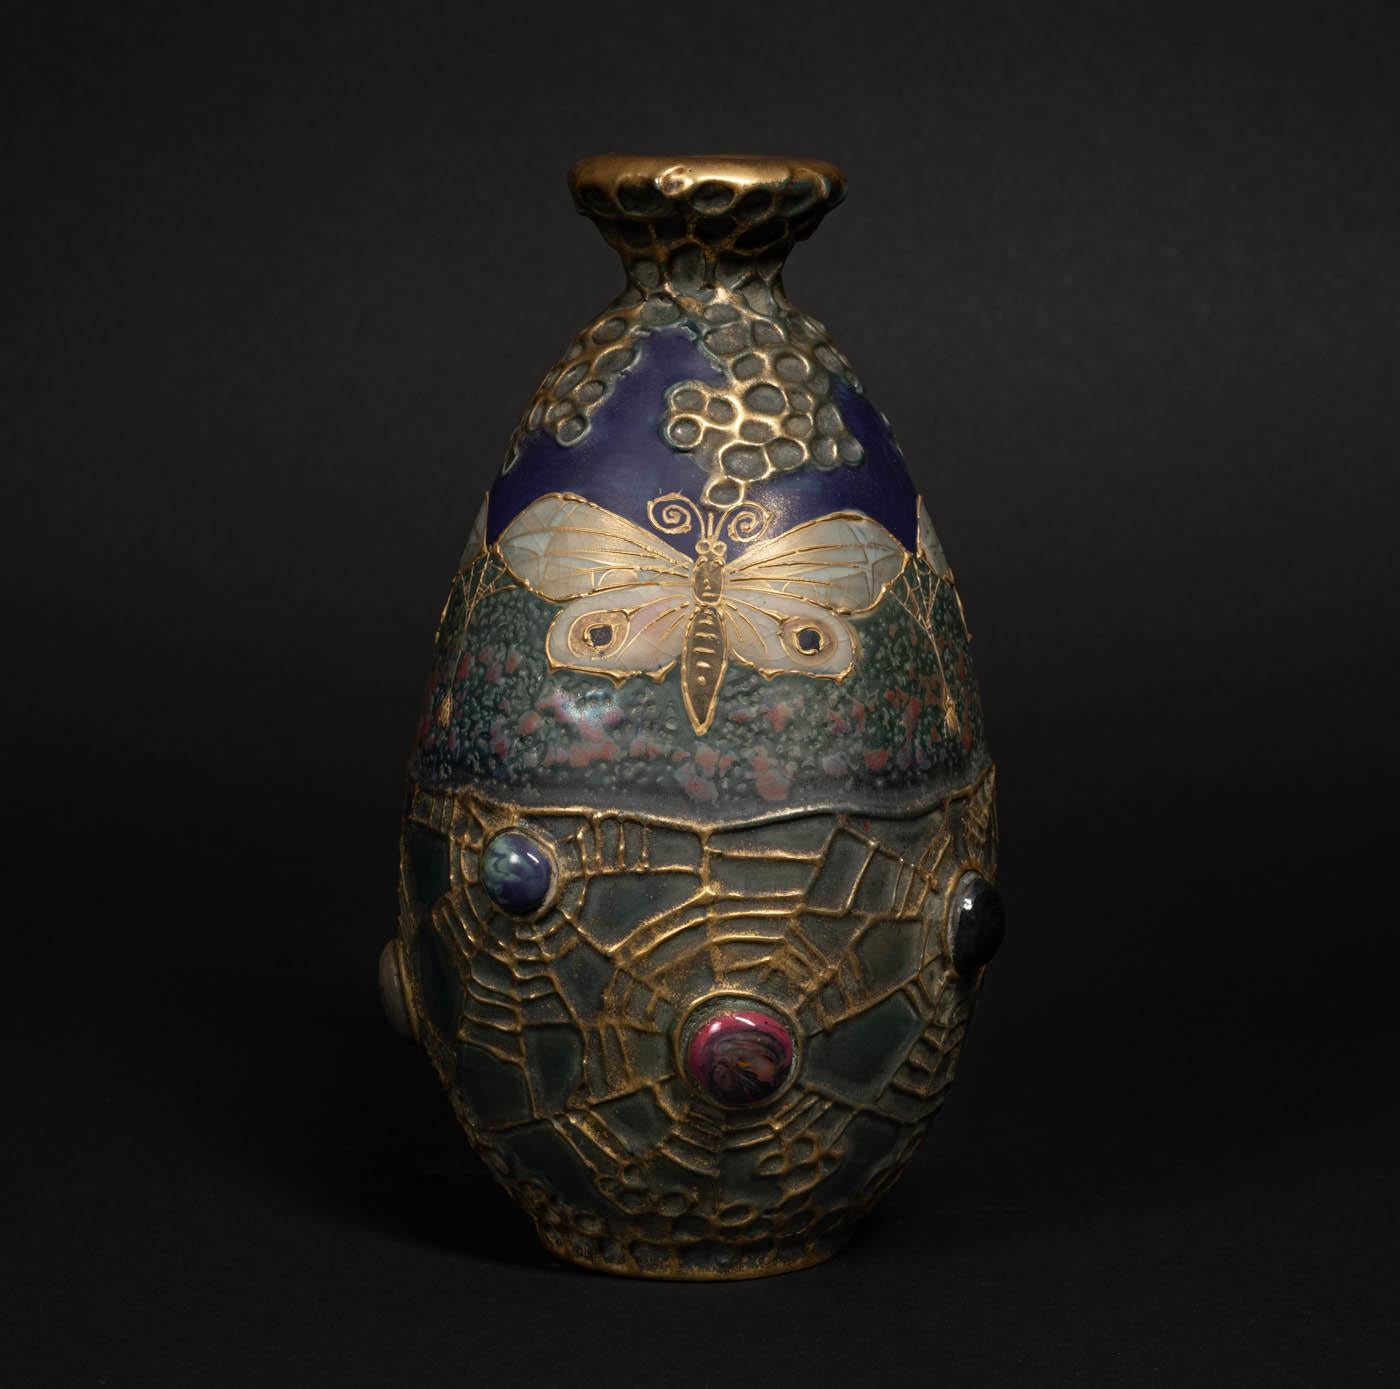 Amphora Semiramis Butterflies & Spiderwebs Vase